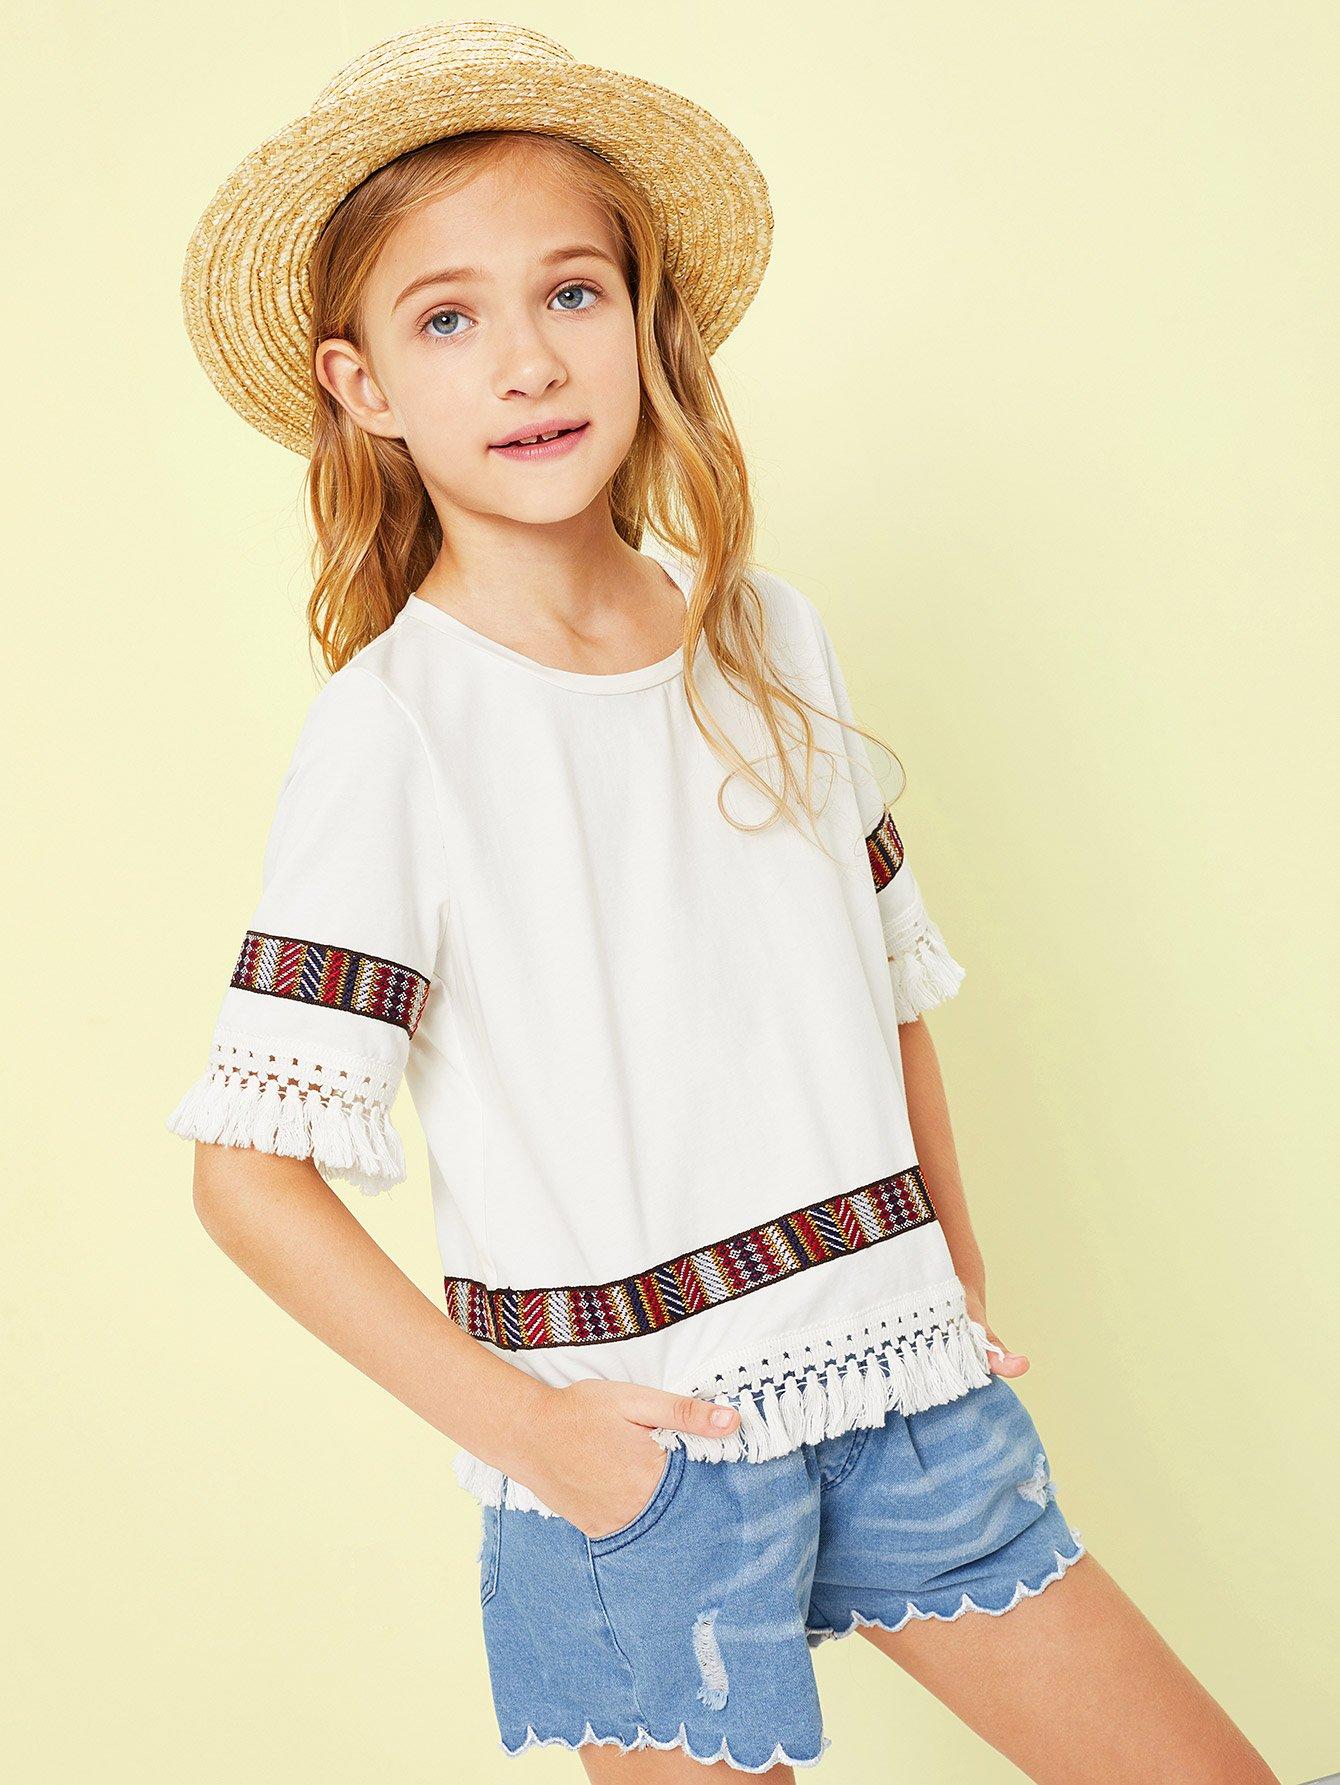 Рубашка с украшением вышивки и кисти для девочки, Sashab, SheIn  - купить со скидкой